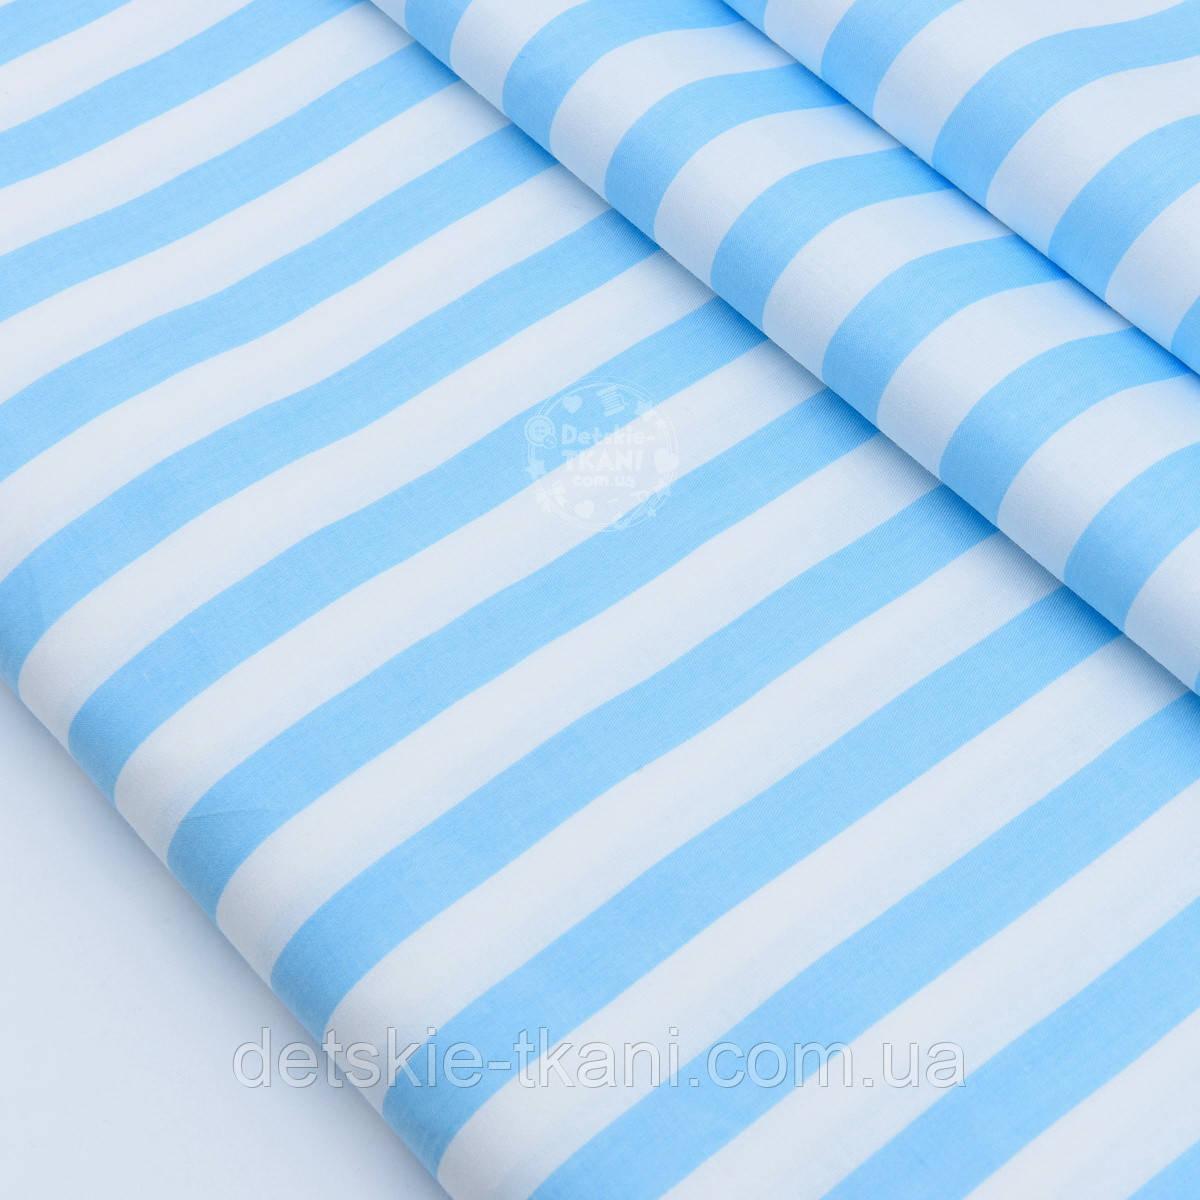 """Сатин ткань """"Широкая полоска 16 мм"""" голубая на белом №1807с"""